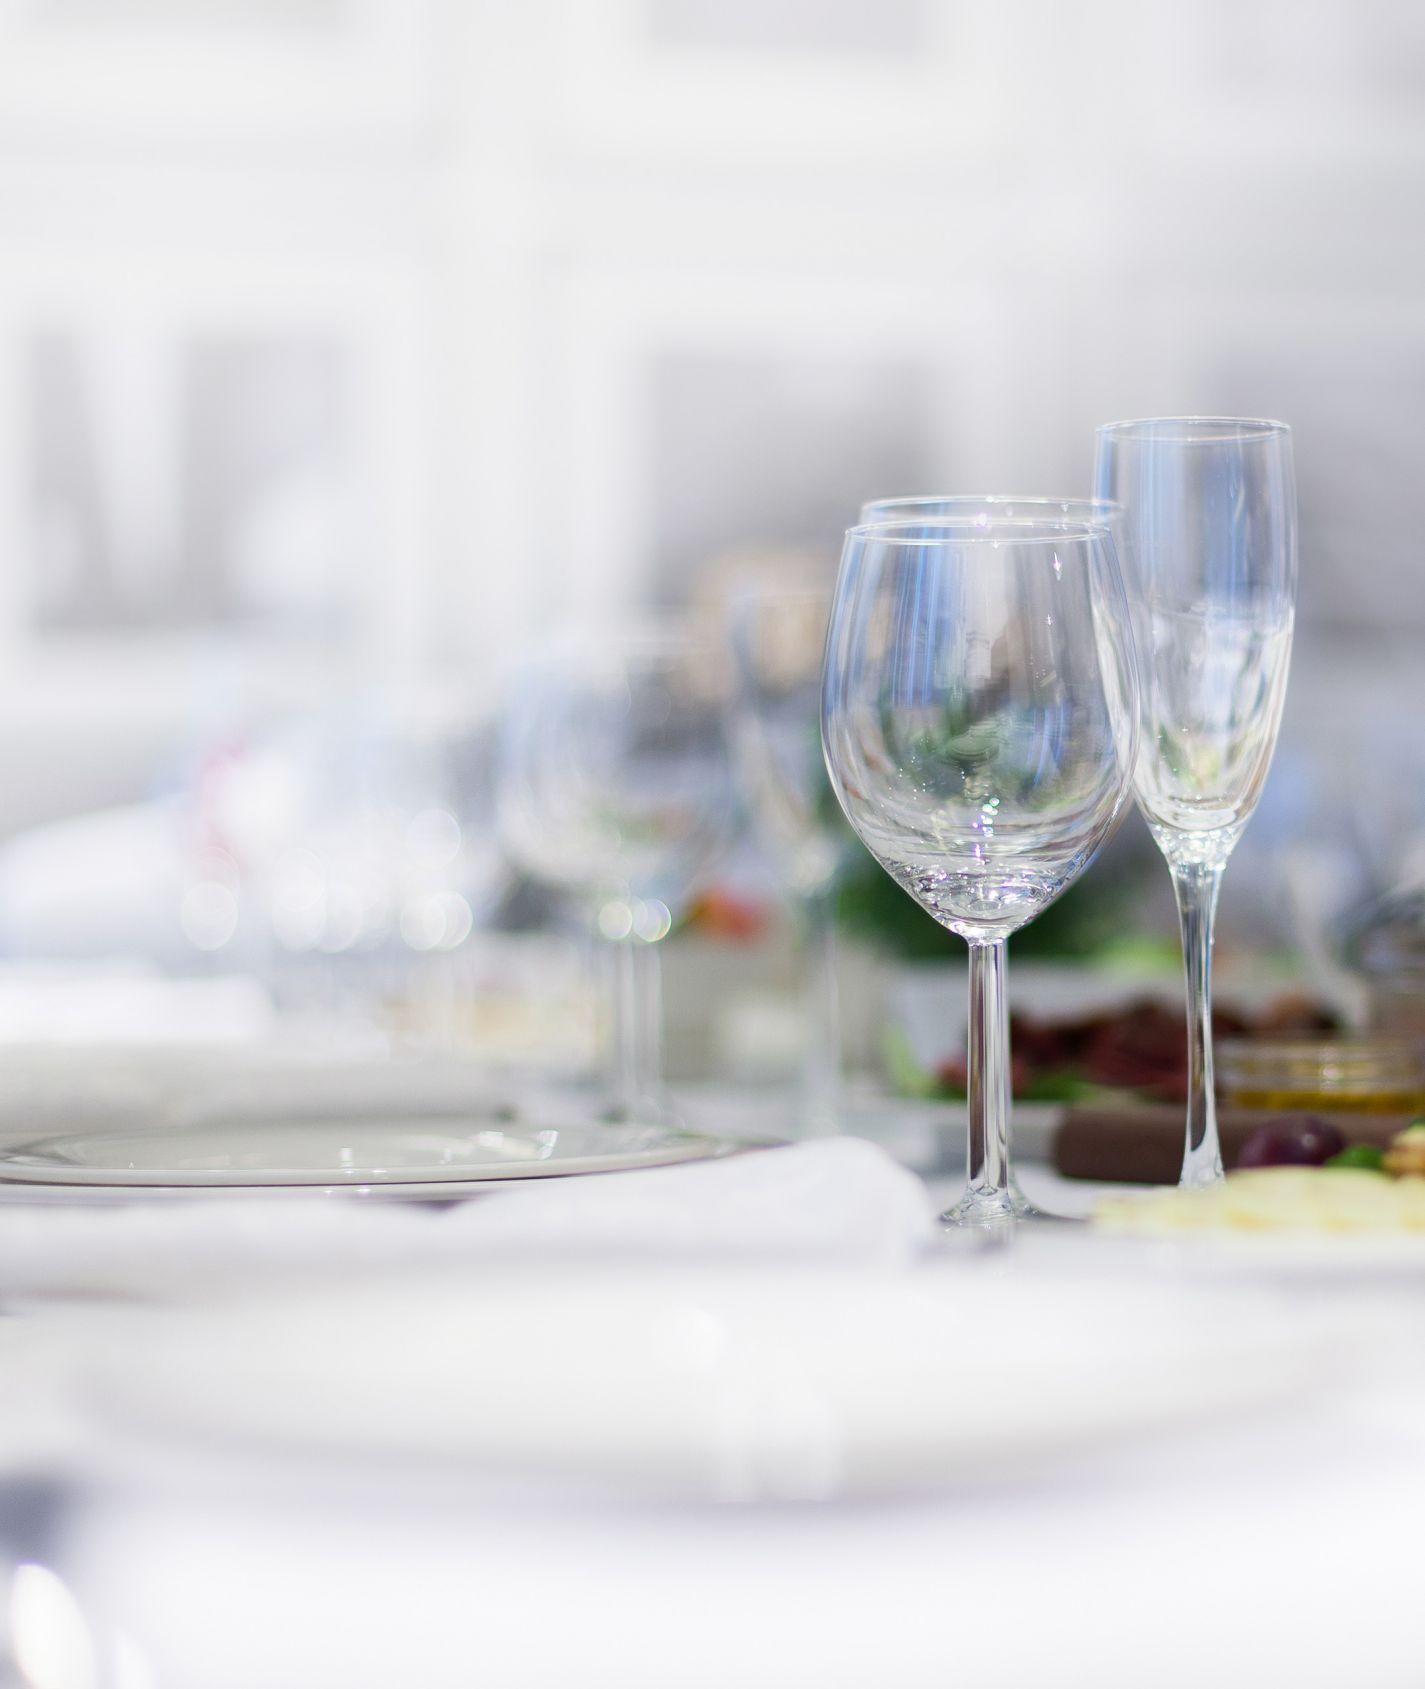 Tisch mit weißer Decke mit Wasserglas und Sektglas